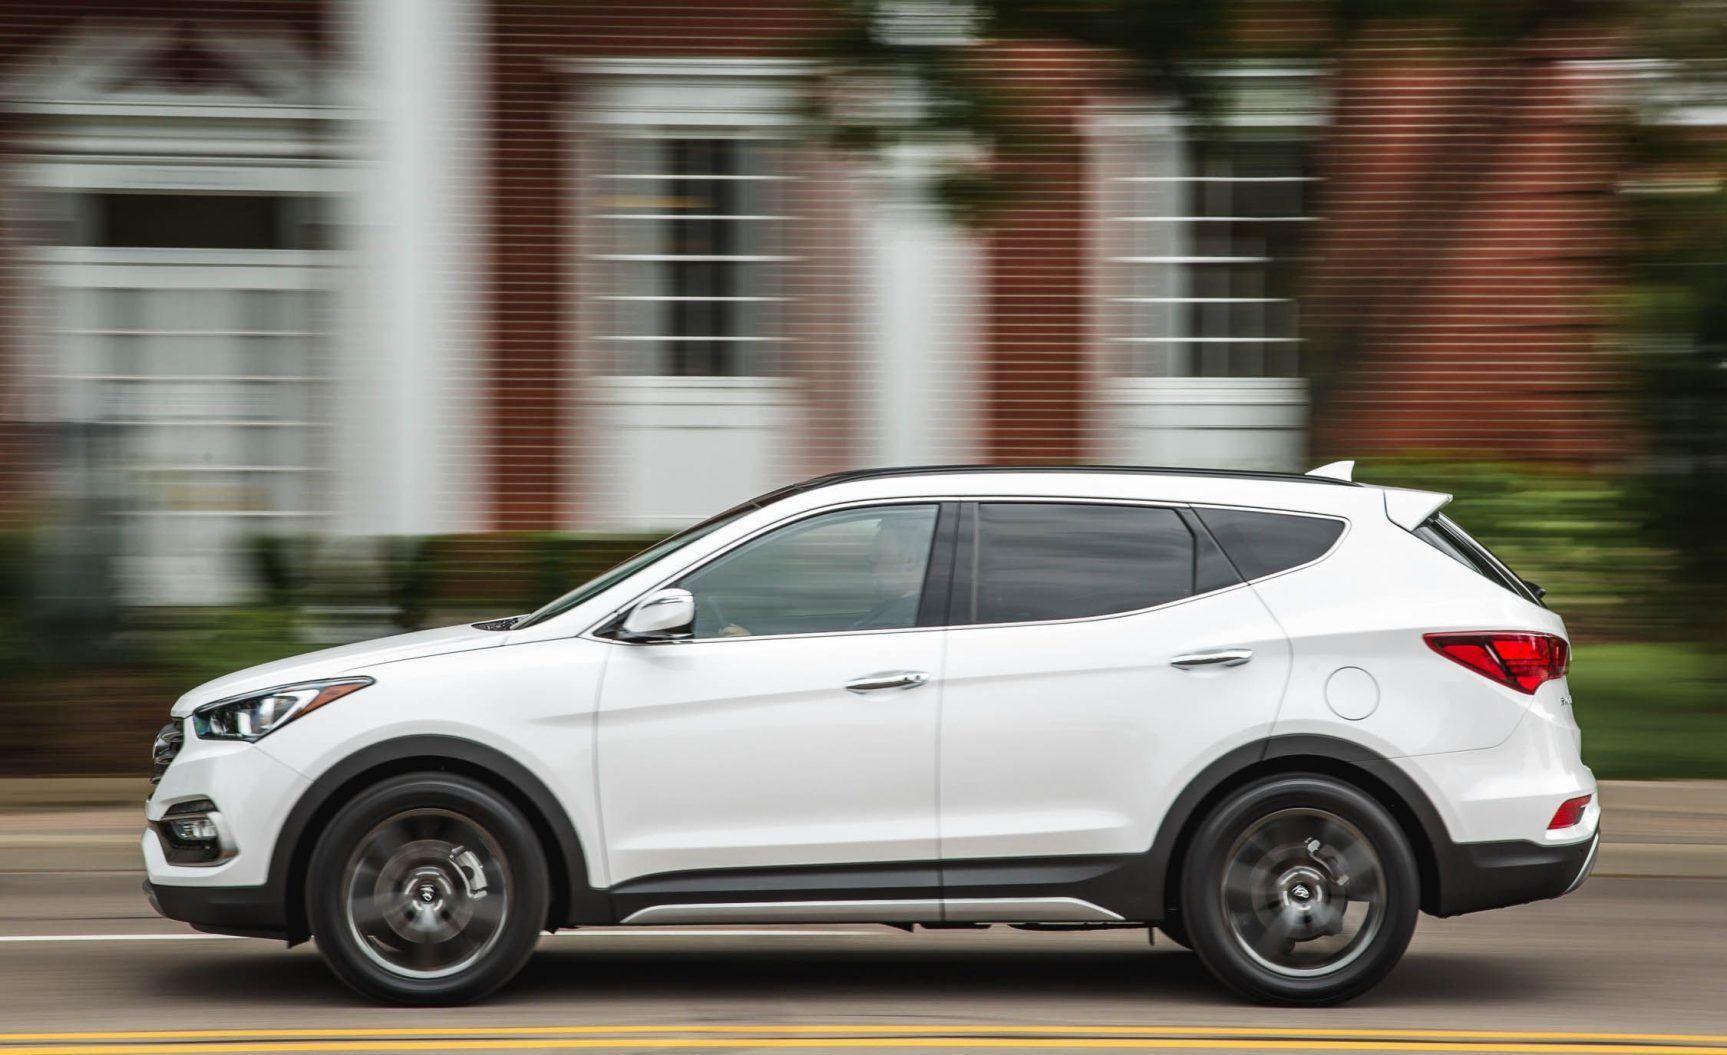 Best Hyundai Santa Fe 2020 First Drive Hyundai Santa Fe Hyundai Hyundai Santa Fe Sport